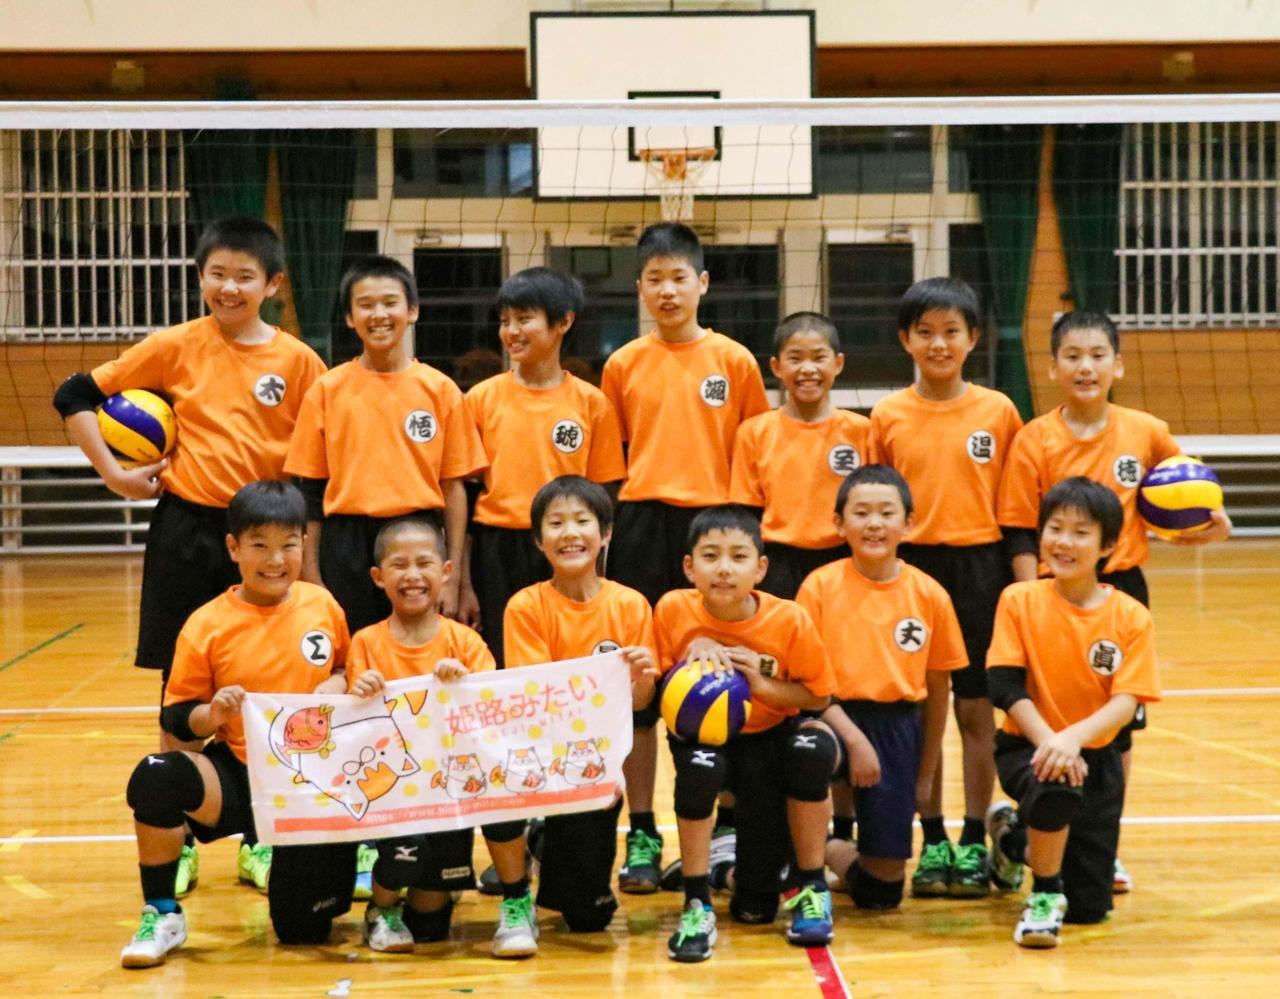 青春グラフィティ!西はりま地区小学生男子バレーボールチーム「兵庫 夢クラブ」